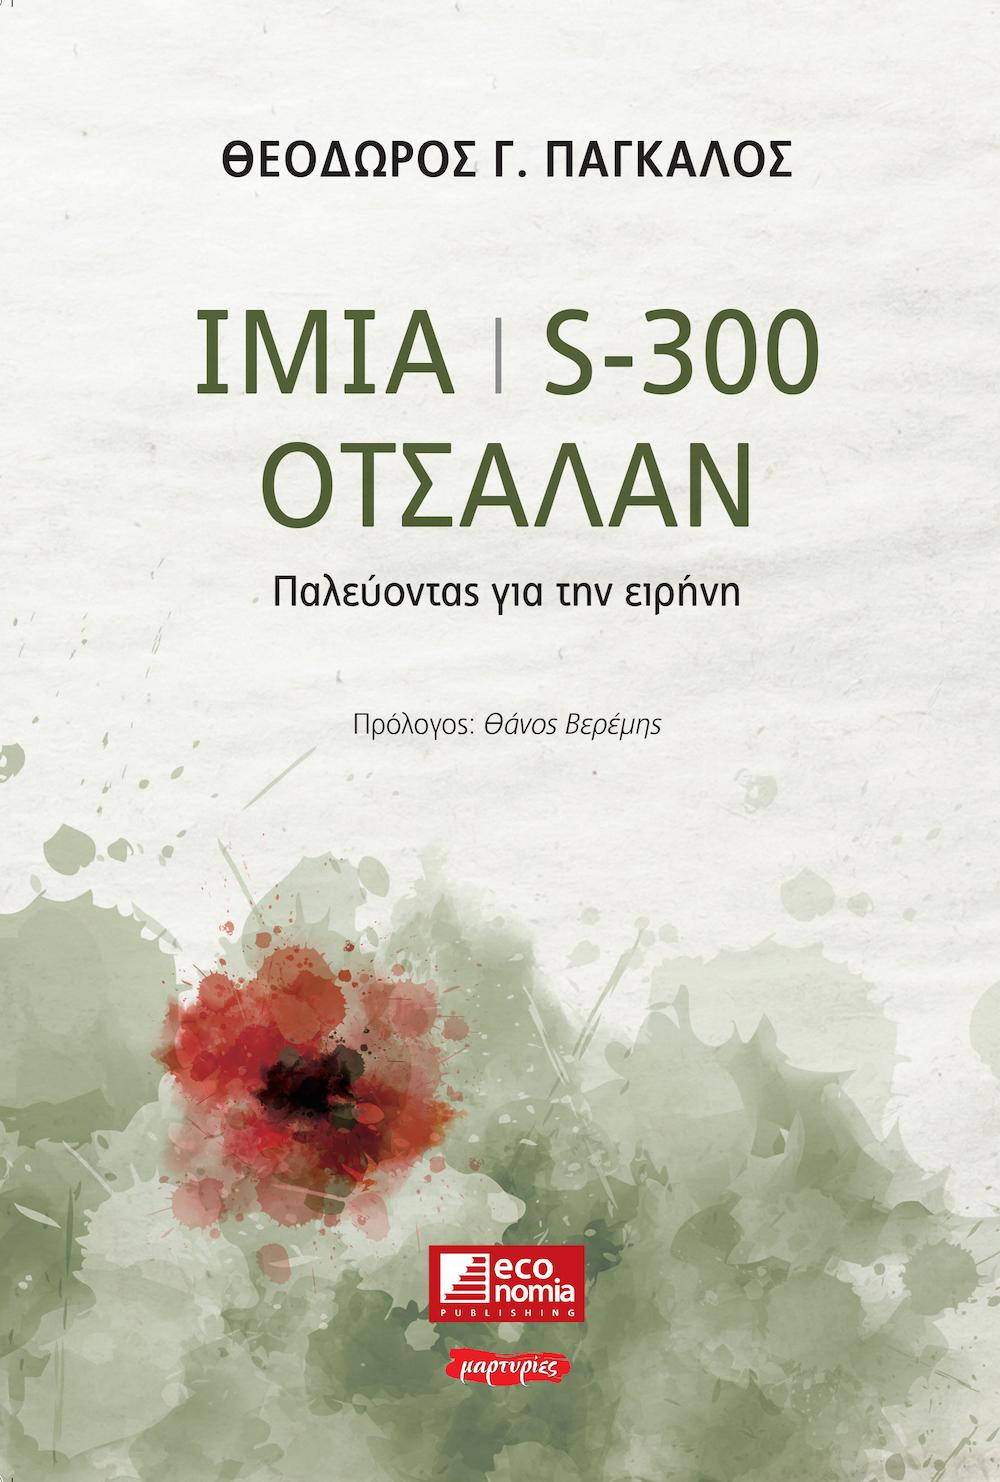 Ίμια / S300 / Οτσαλάν , Παλεύοντας για την ειρήνη, Πάγκαλος, Θεόδωρος, 1938-, Εκδόσεις Κέρκυρα - Economia Publishing, 2020